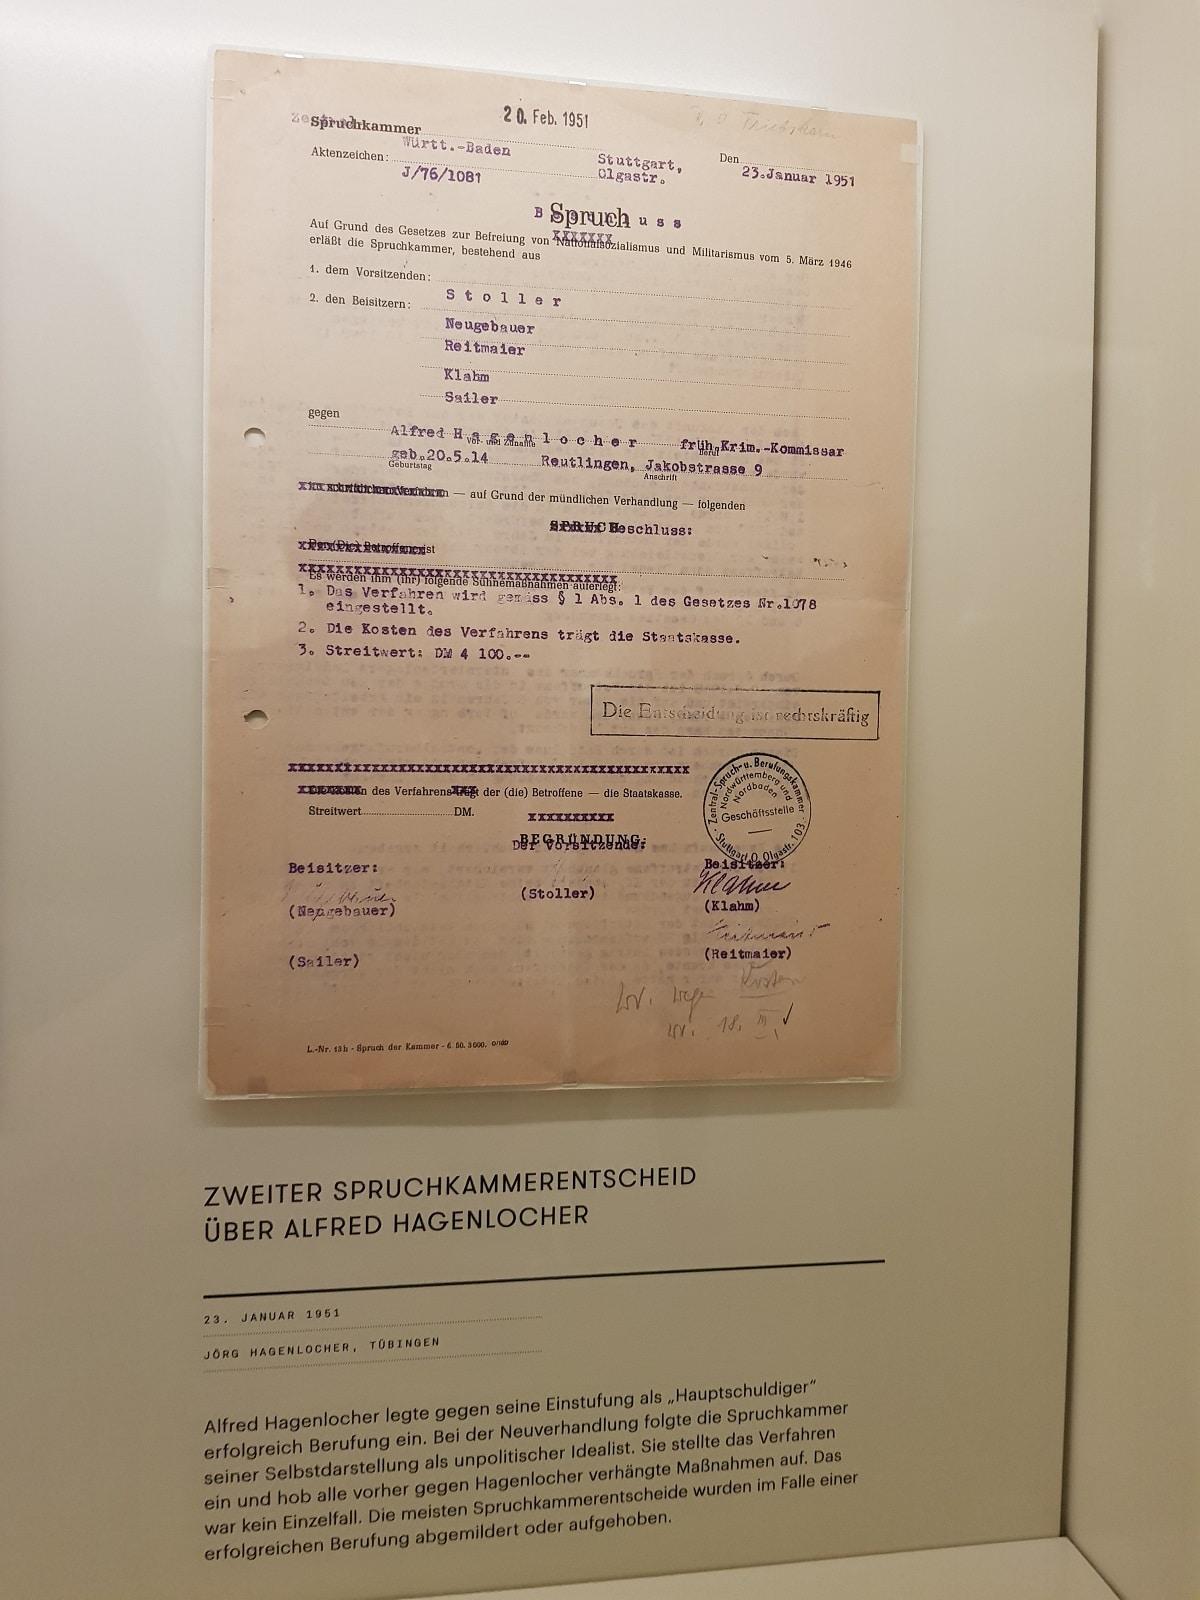 Spruchkammer vs Alfred Hagenlocher